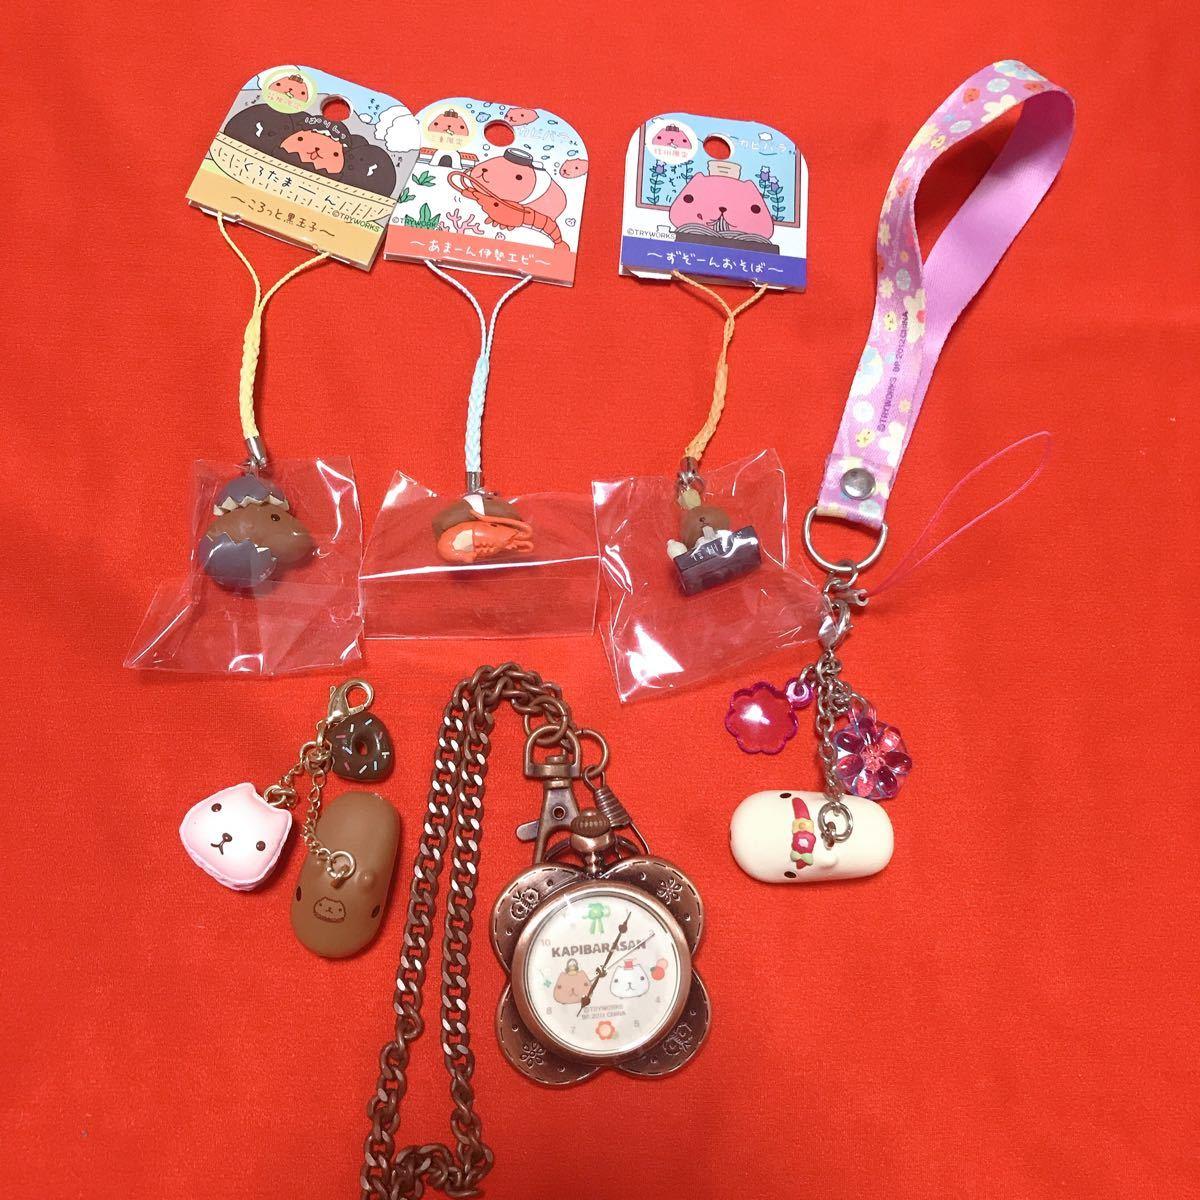 【値下げ!】カピバラさん ストラップ 懐中時計